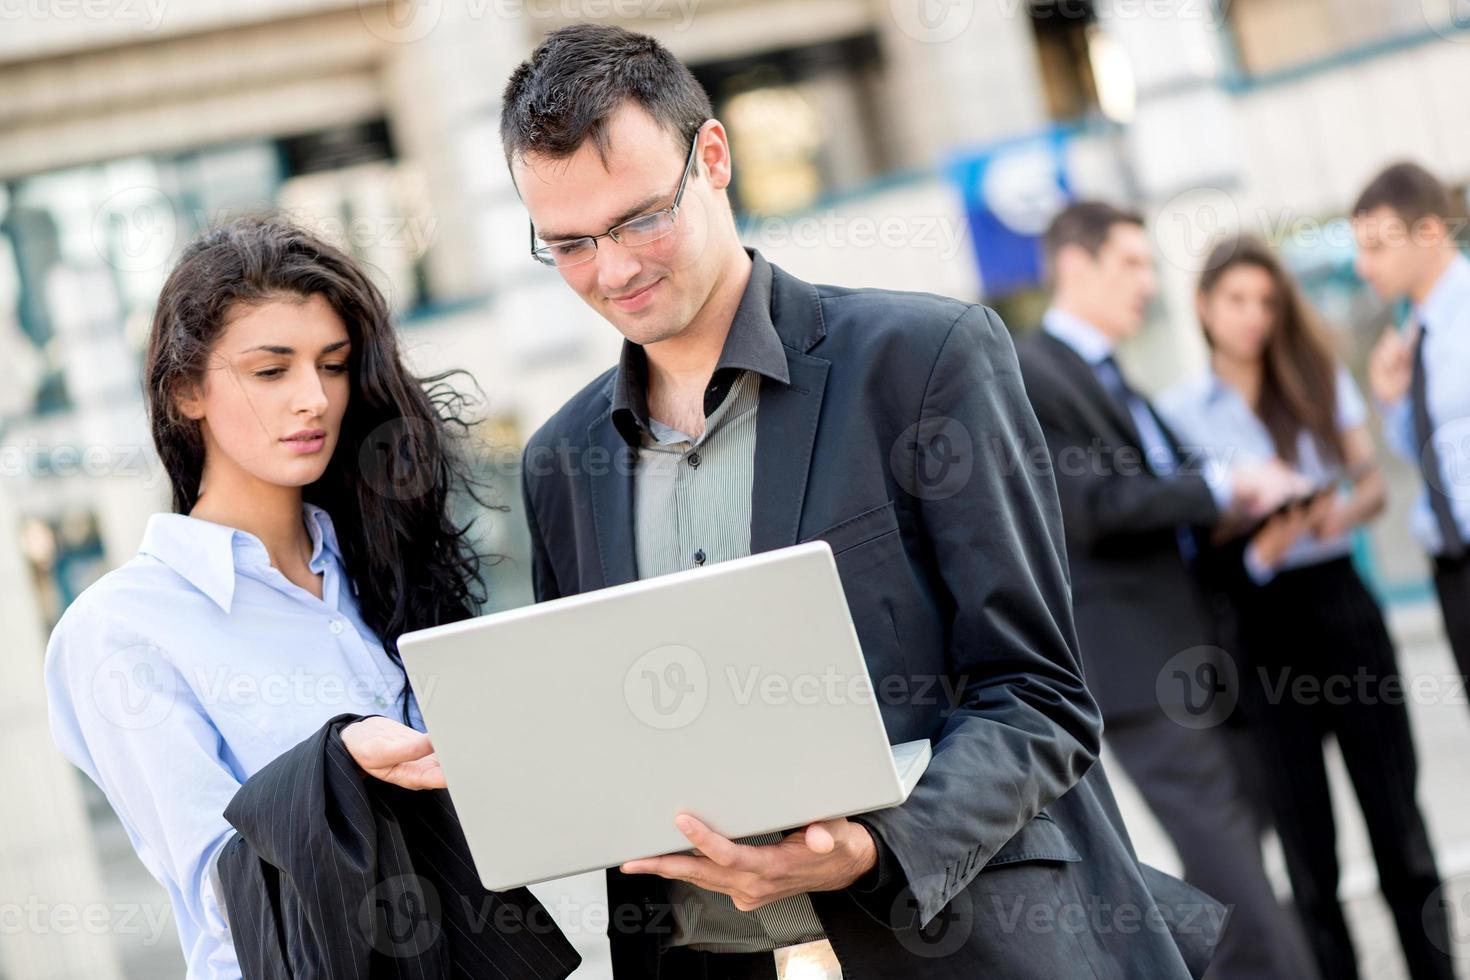 giovani soci d'affari con un computer portatile foto